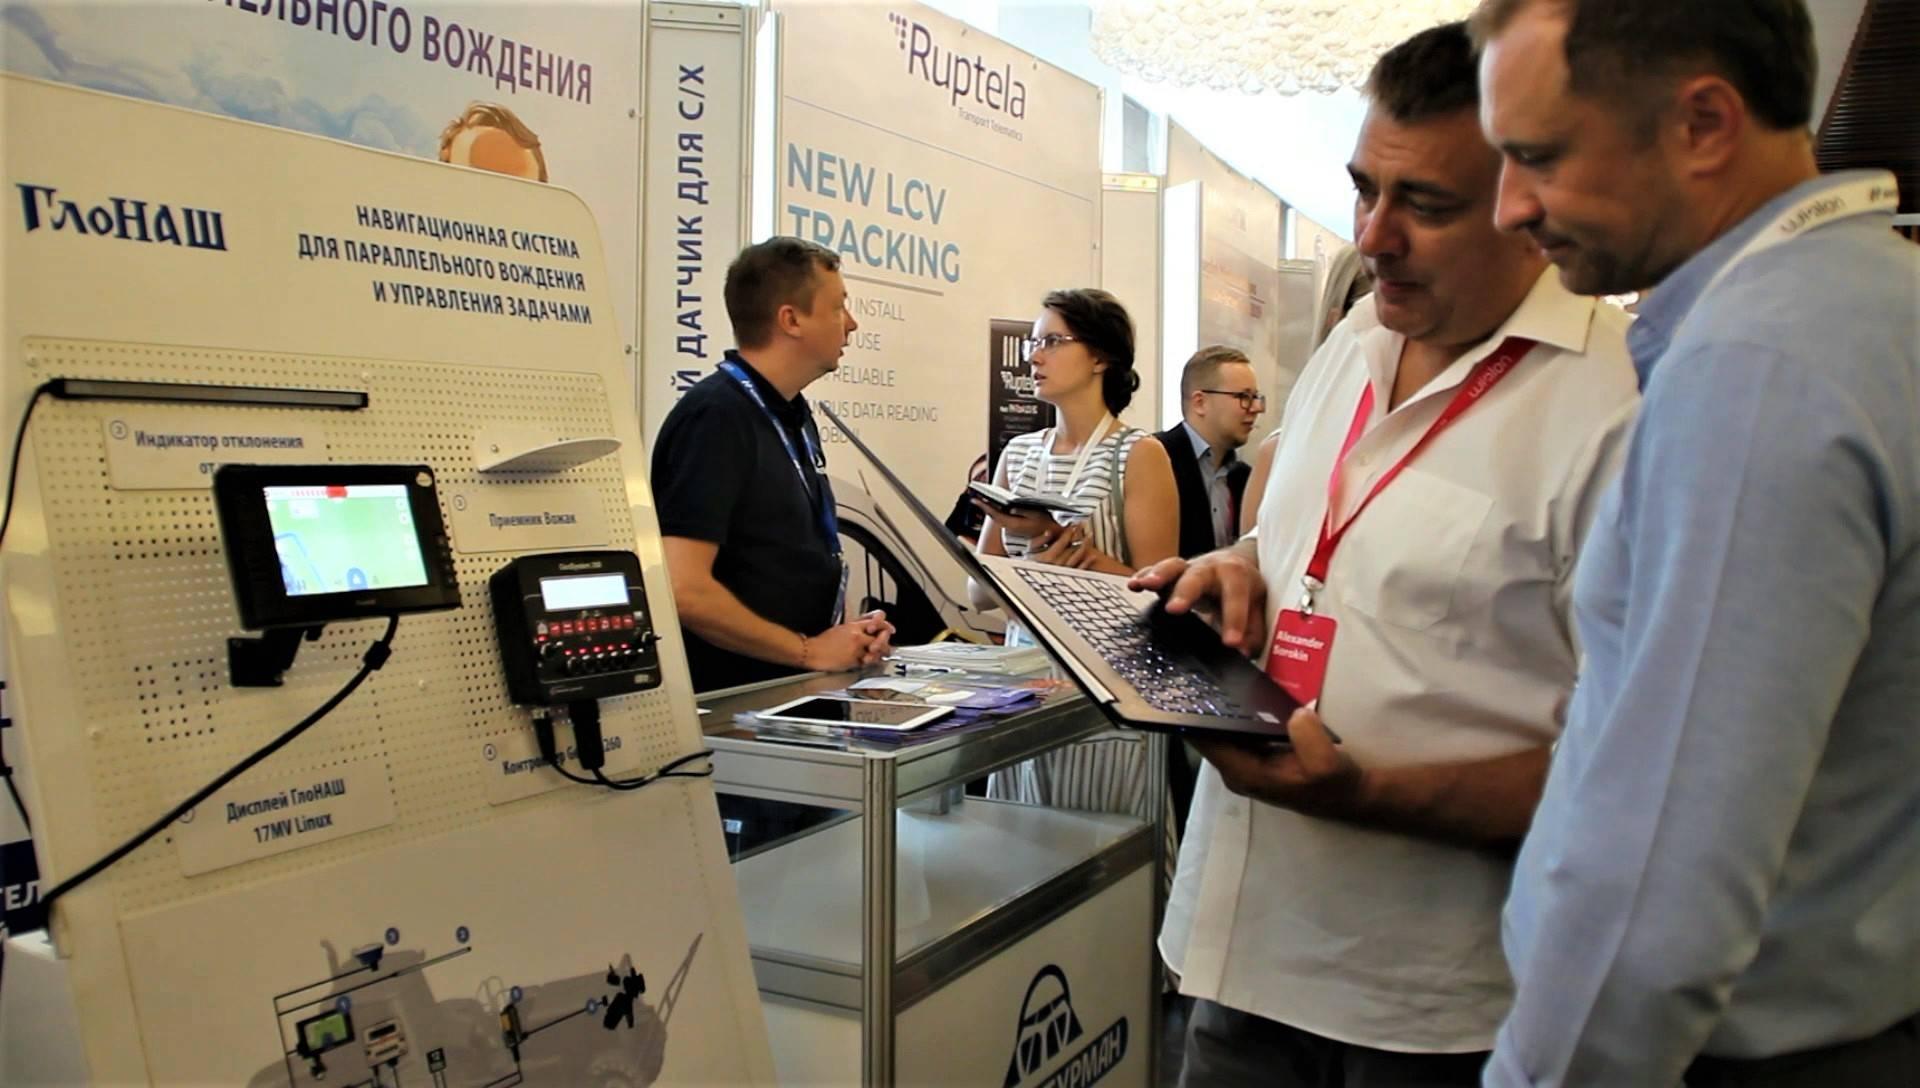 В Минске состоялась крупнейшая в мире конференция в сфере телематики и спутникового мониторинга.